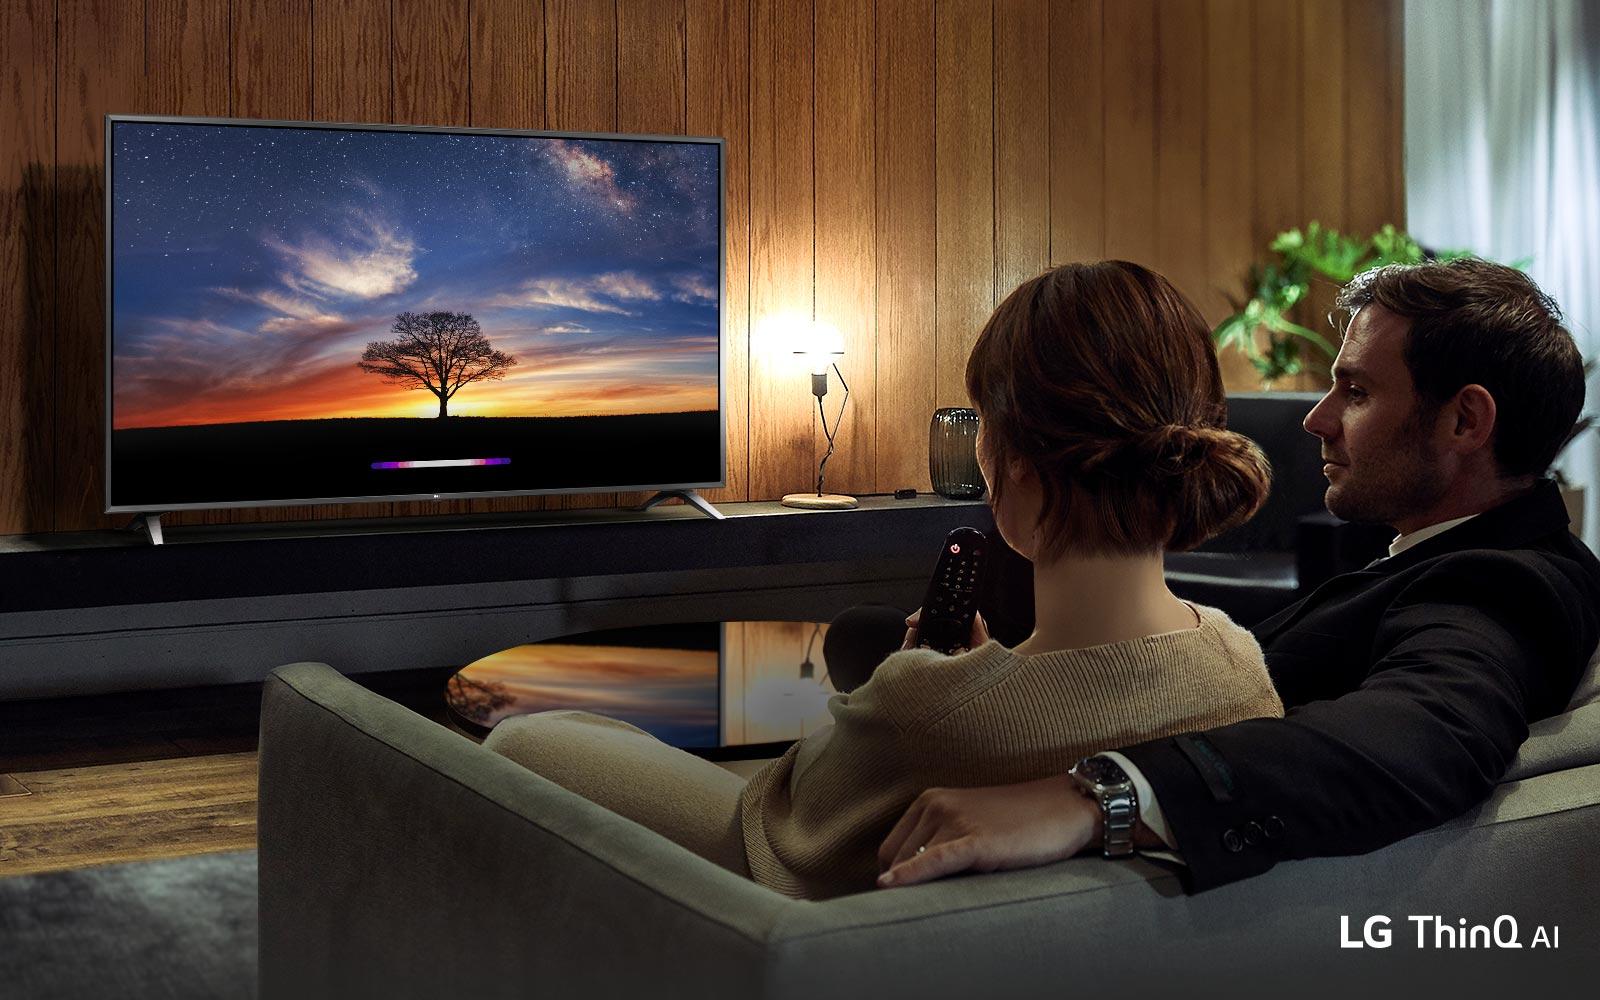 Poznaj świat telewizji LG ze sztuczną inteligencją